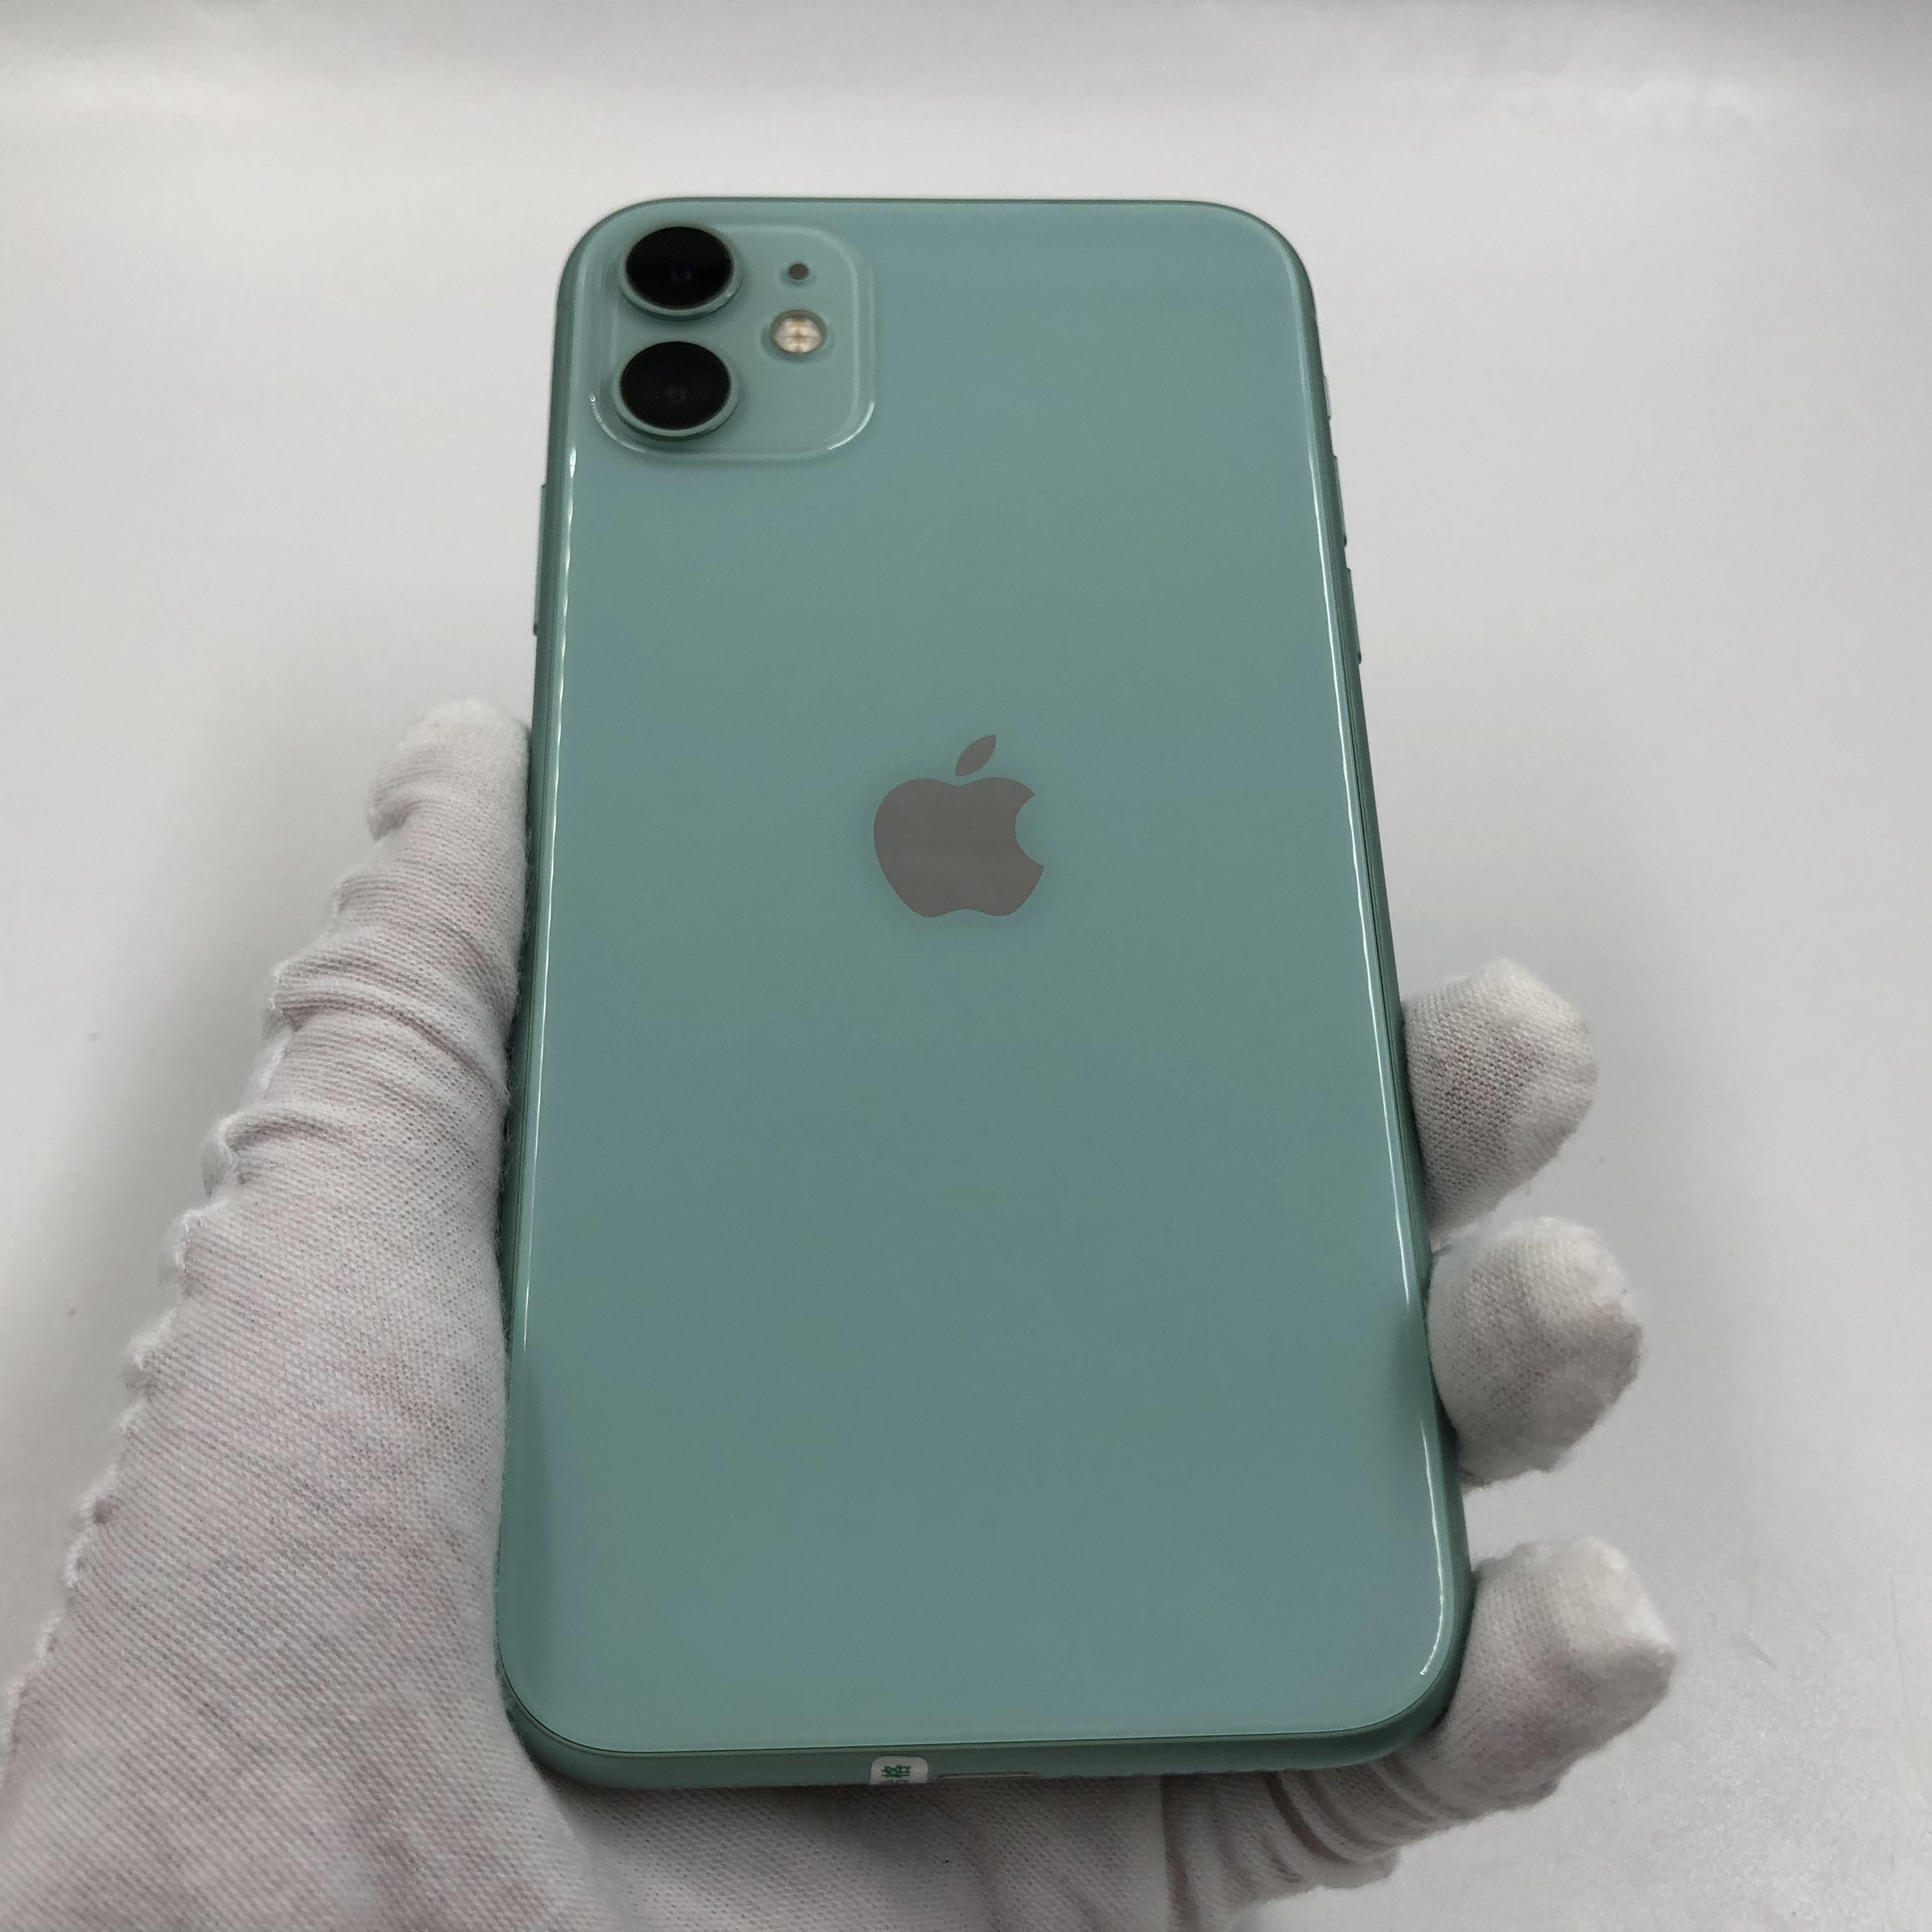 苹果【iPhone 11】4G全网通 绿色 64G 国行 8成新 真机实拍